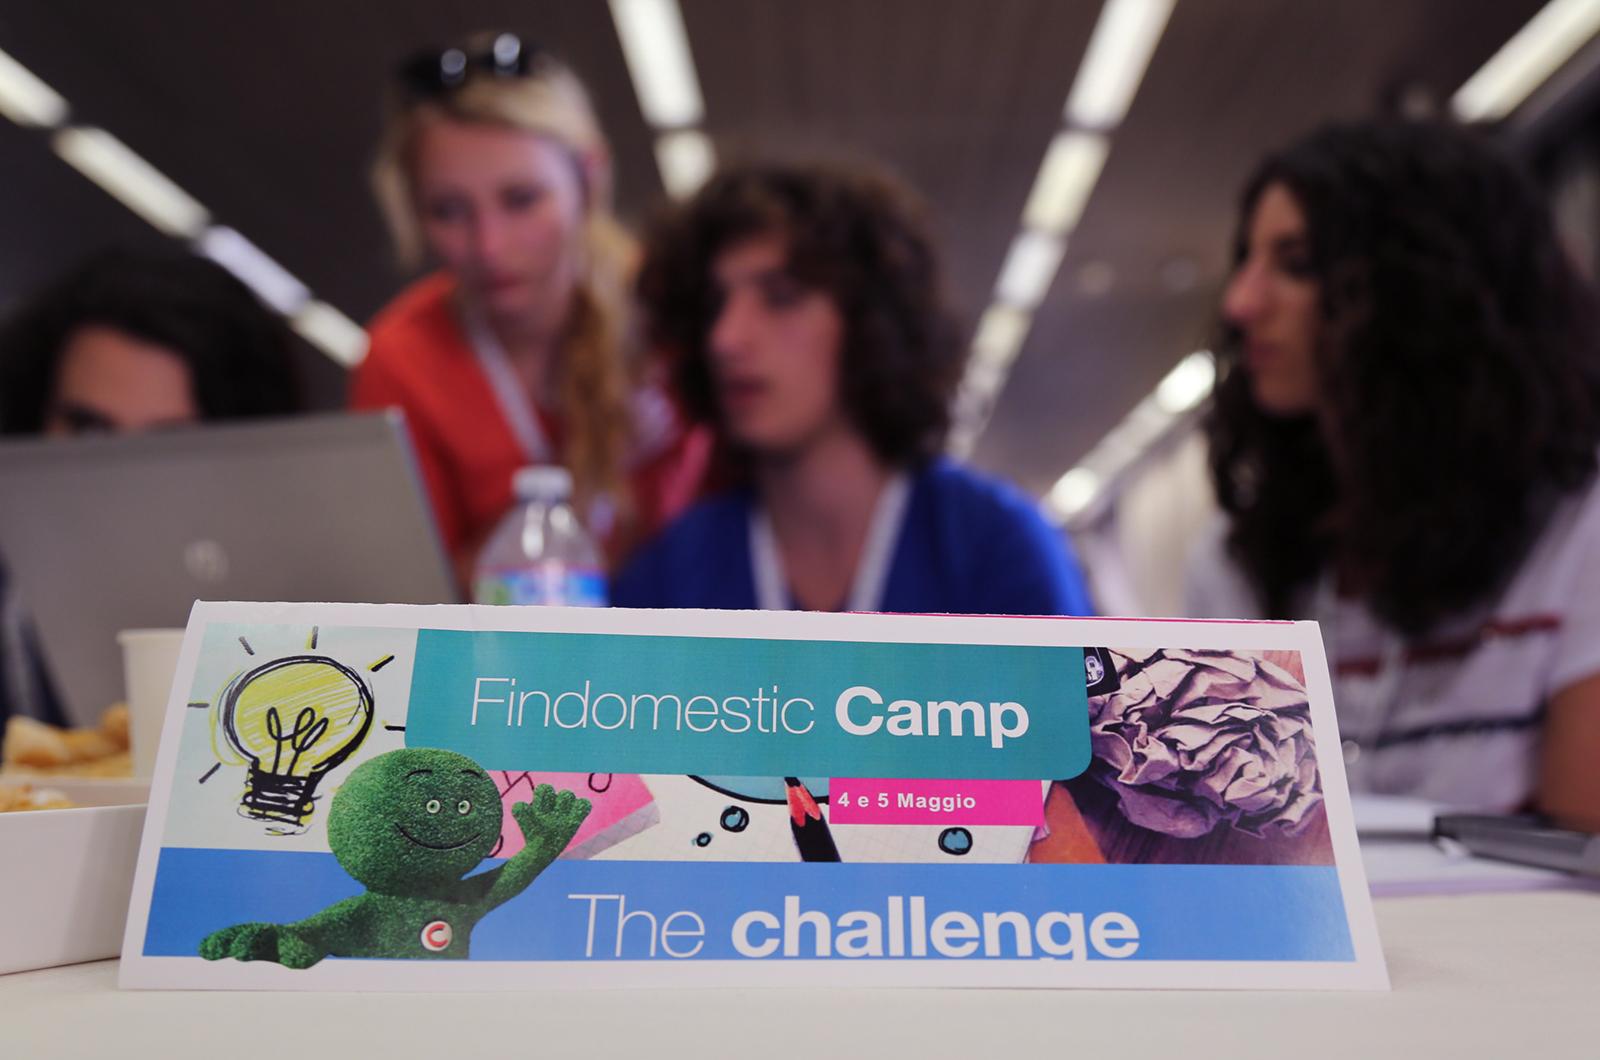 findo_camp_1